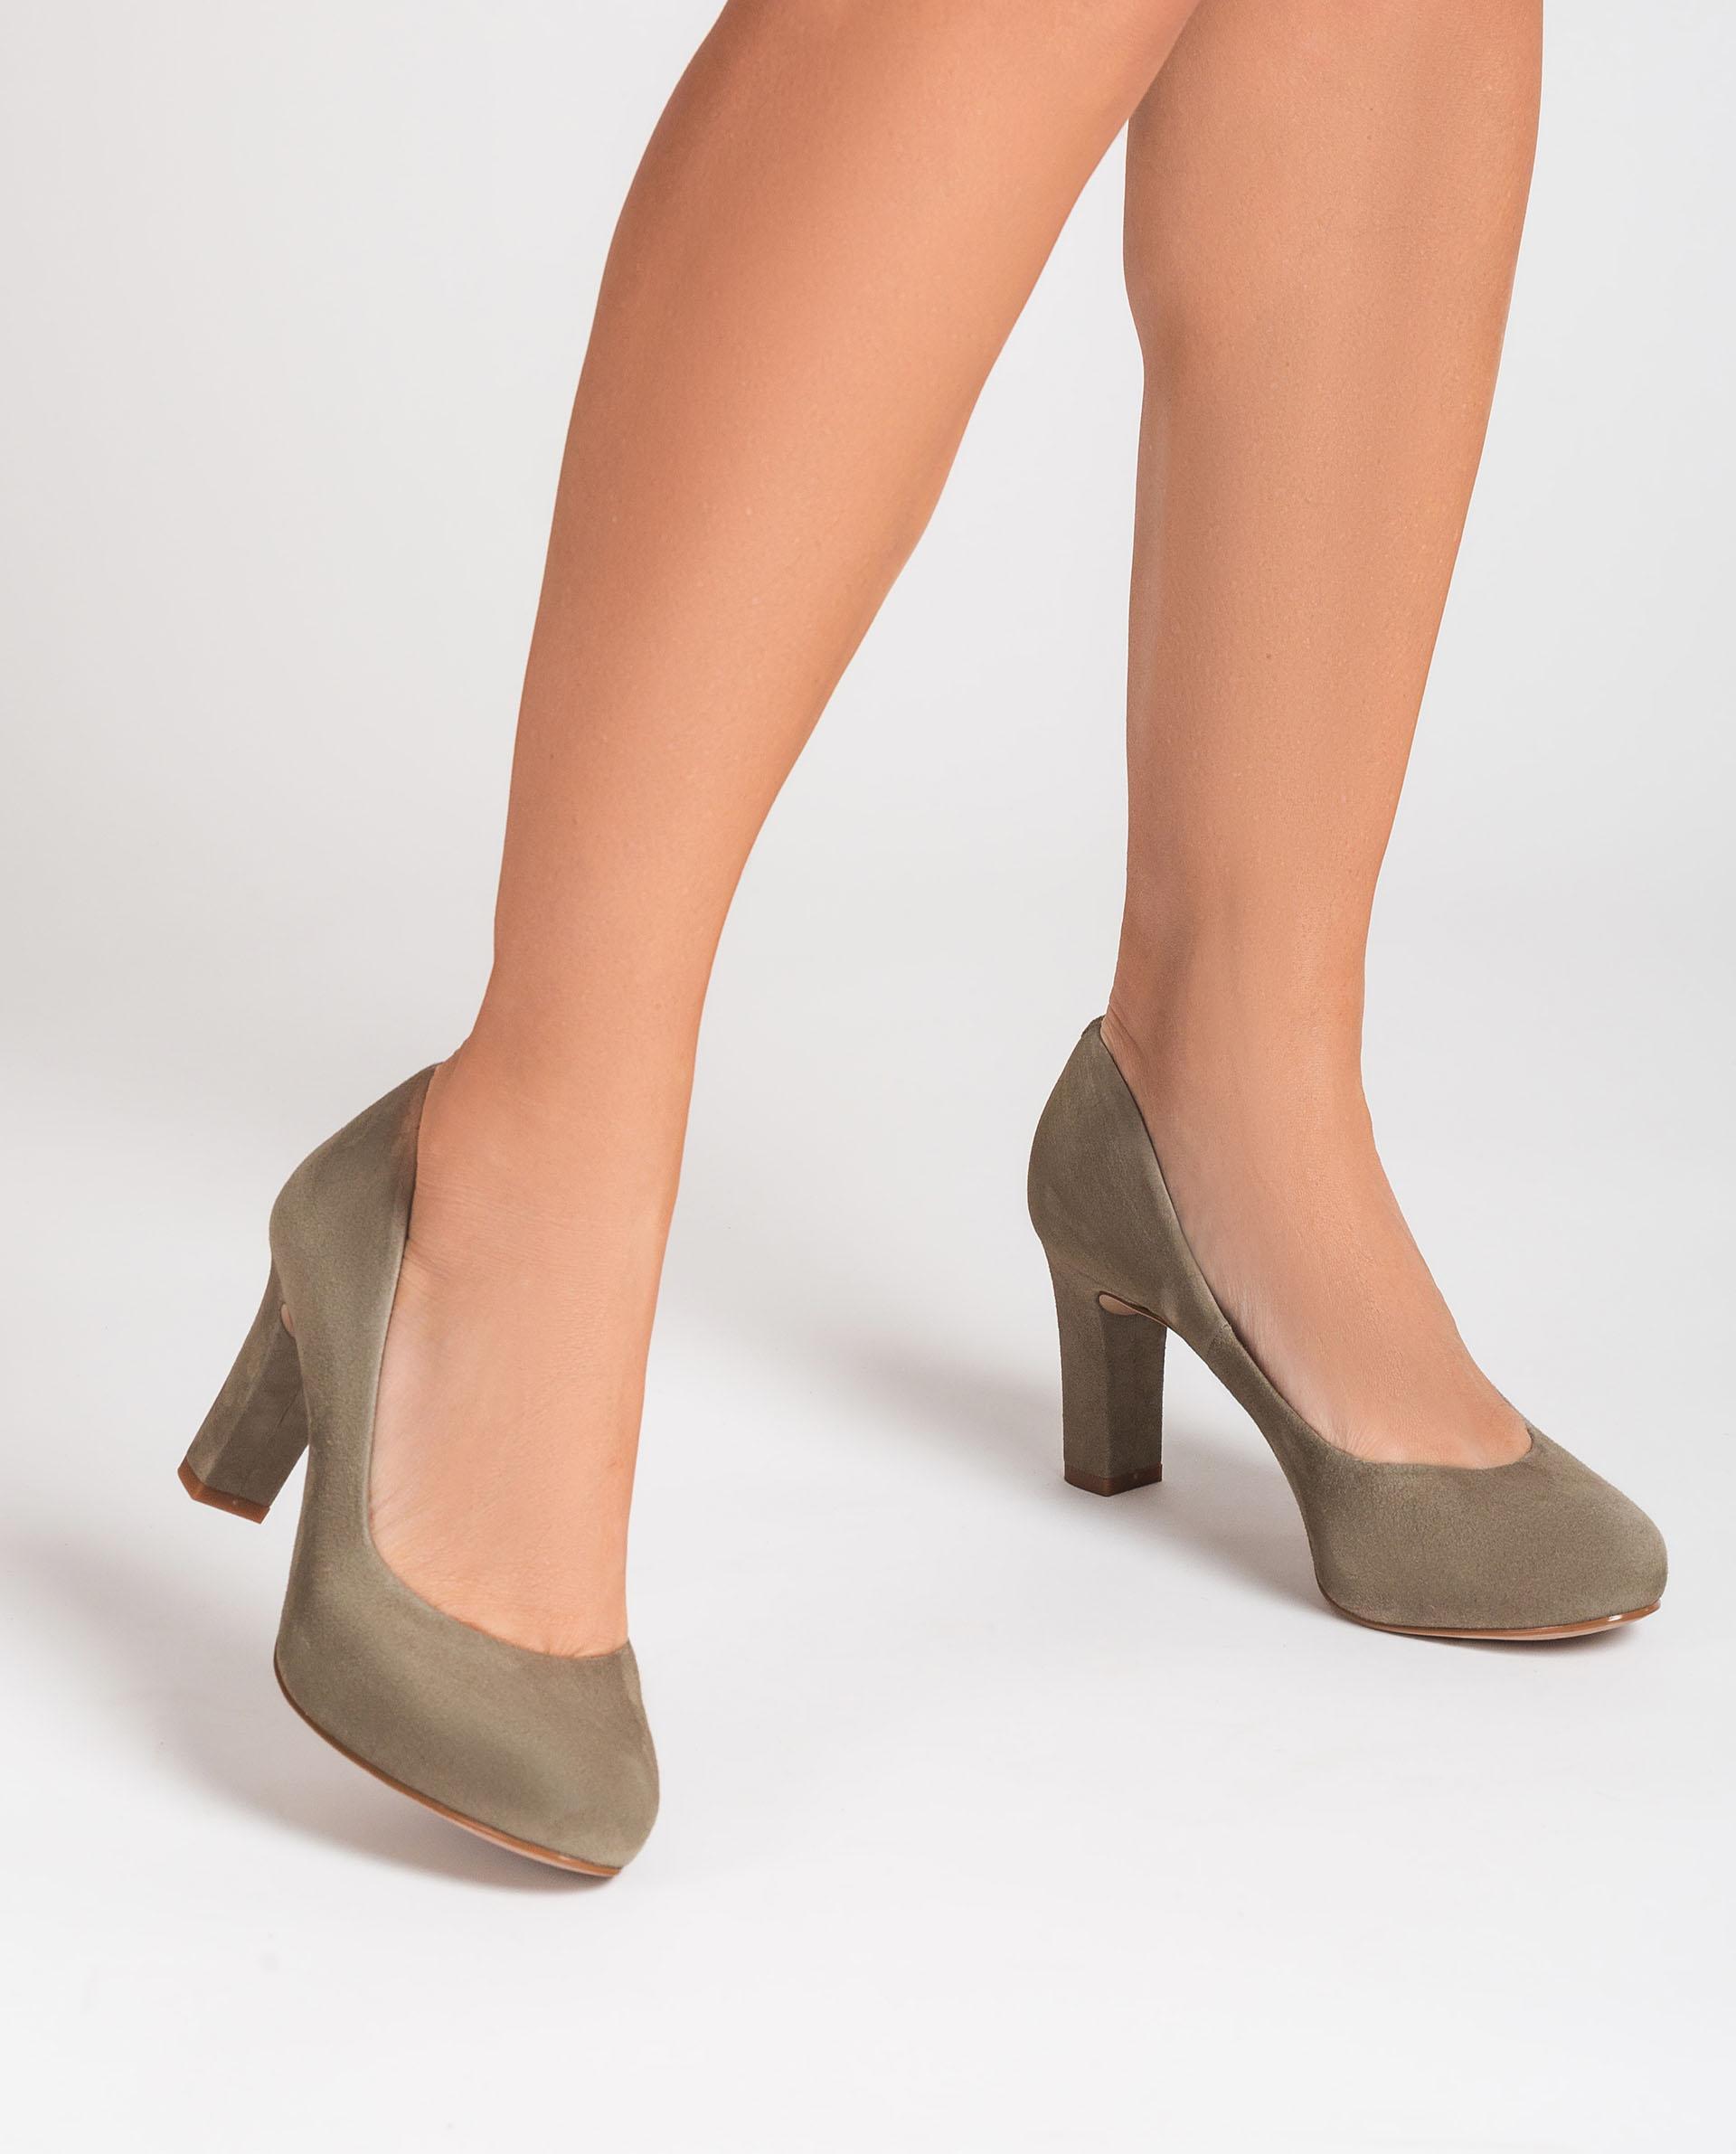 UNISA Round toe pumps NUMIS_21_KS 2